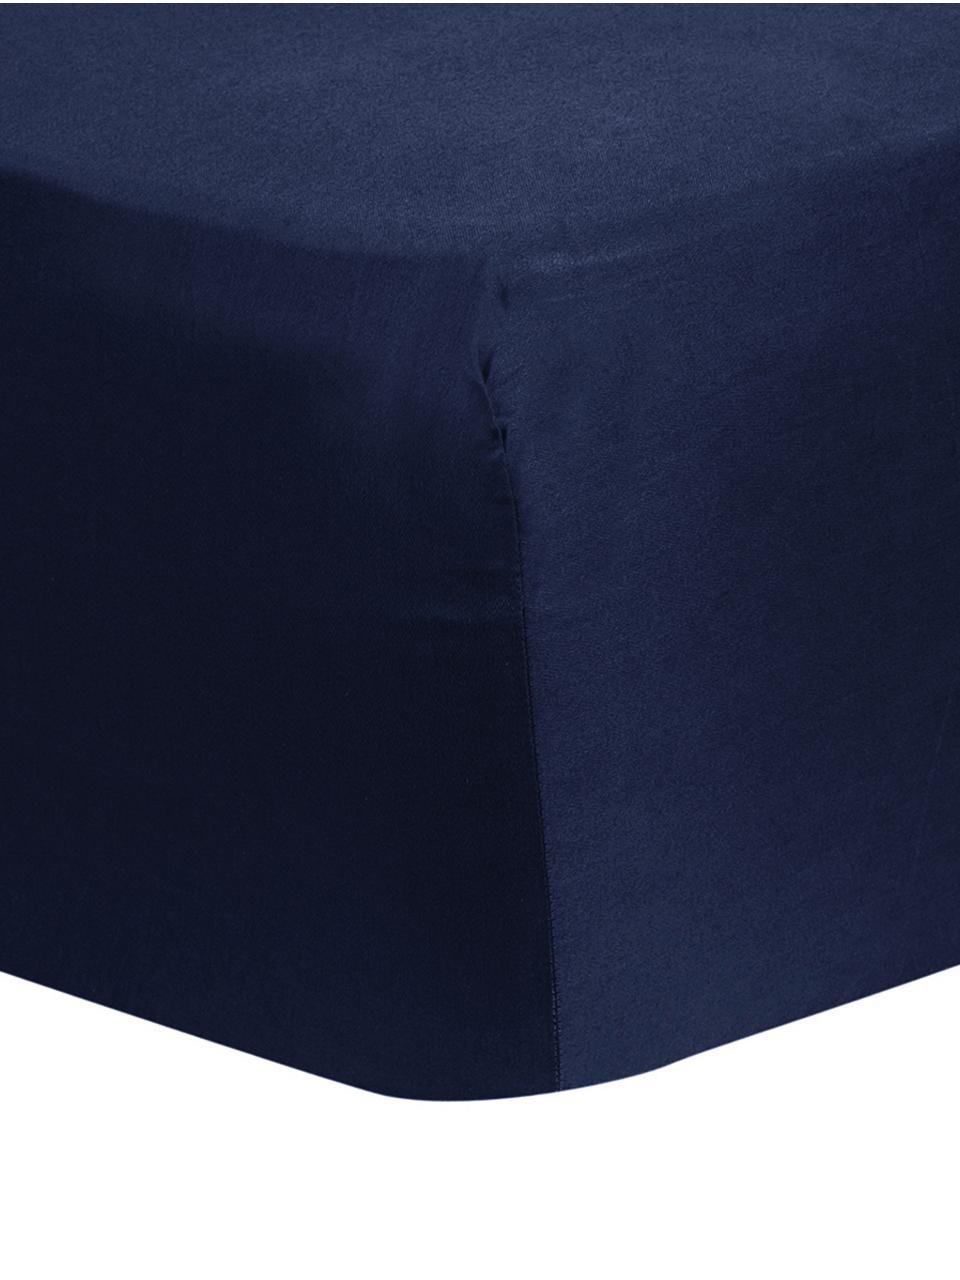 Prześcieradło z gumką z satyny bawełnianej Comfort, Ciemnyniebieski, S 180 x D 200 cm